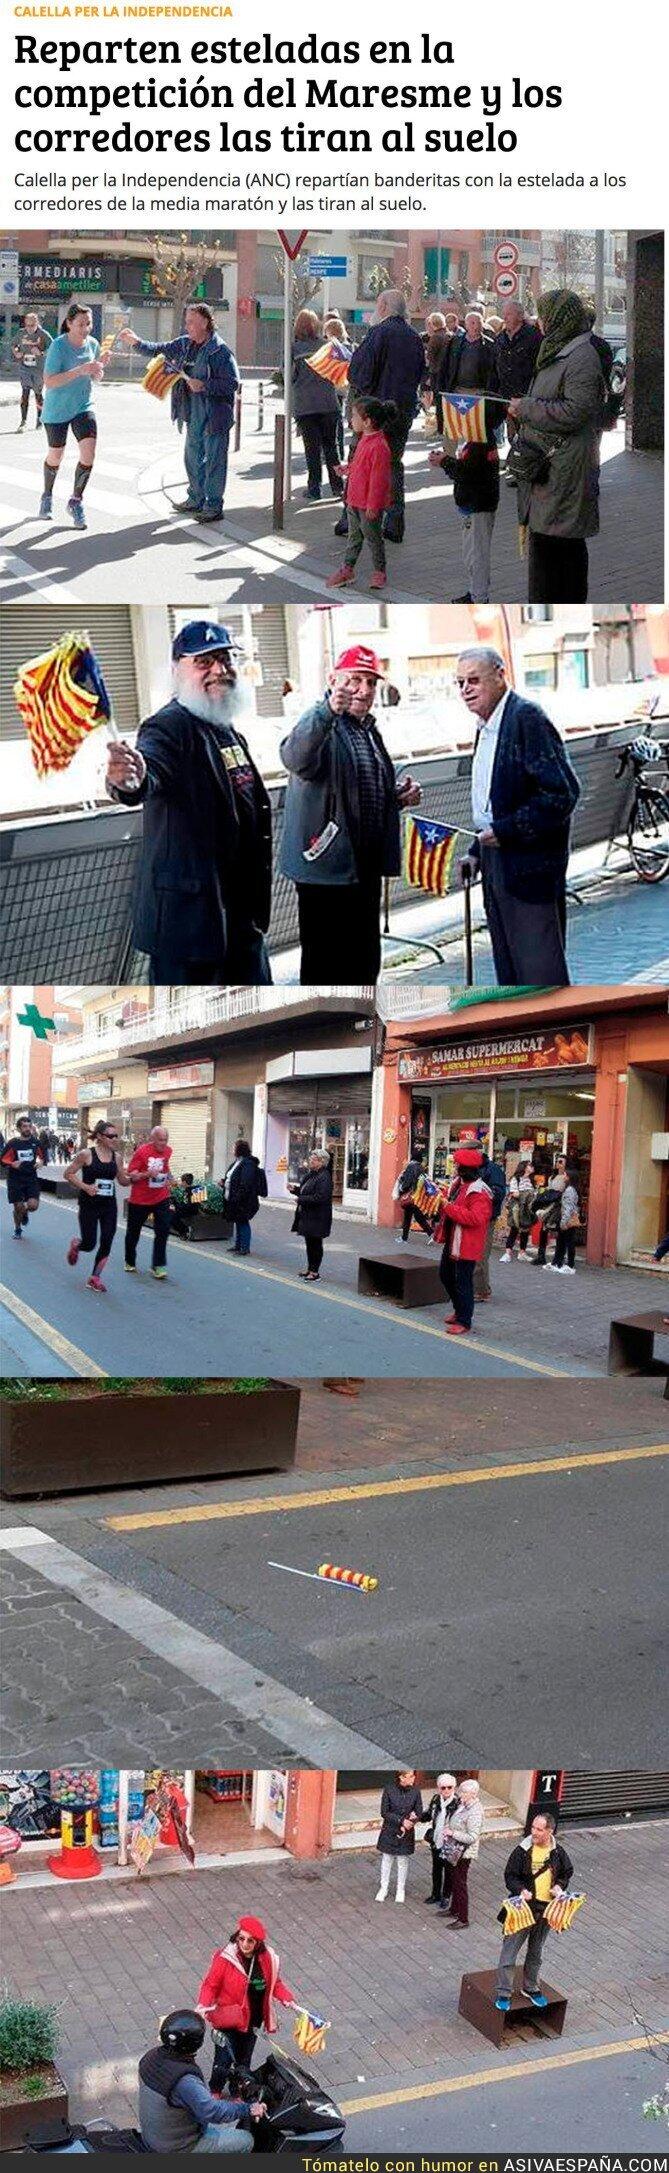 65293 - LAMENTABLE: la última ocurrencia de los independentistas catalanes en una maratón del Maresme